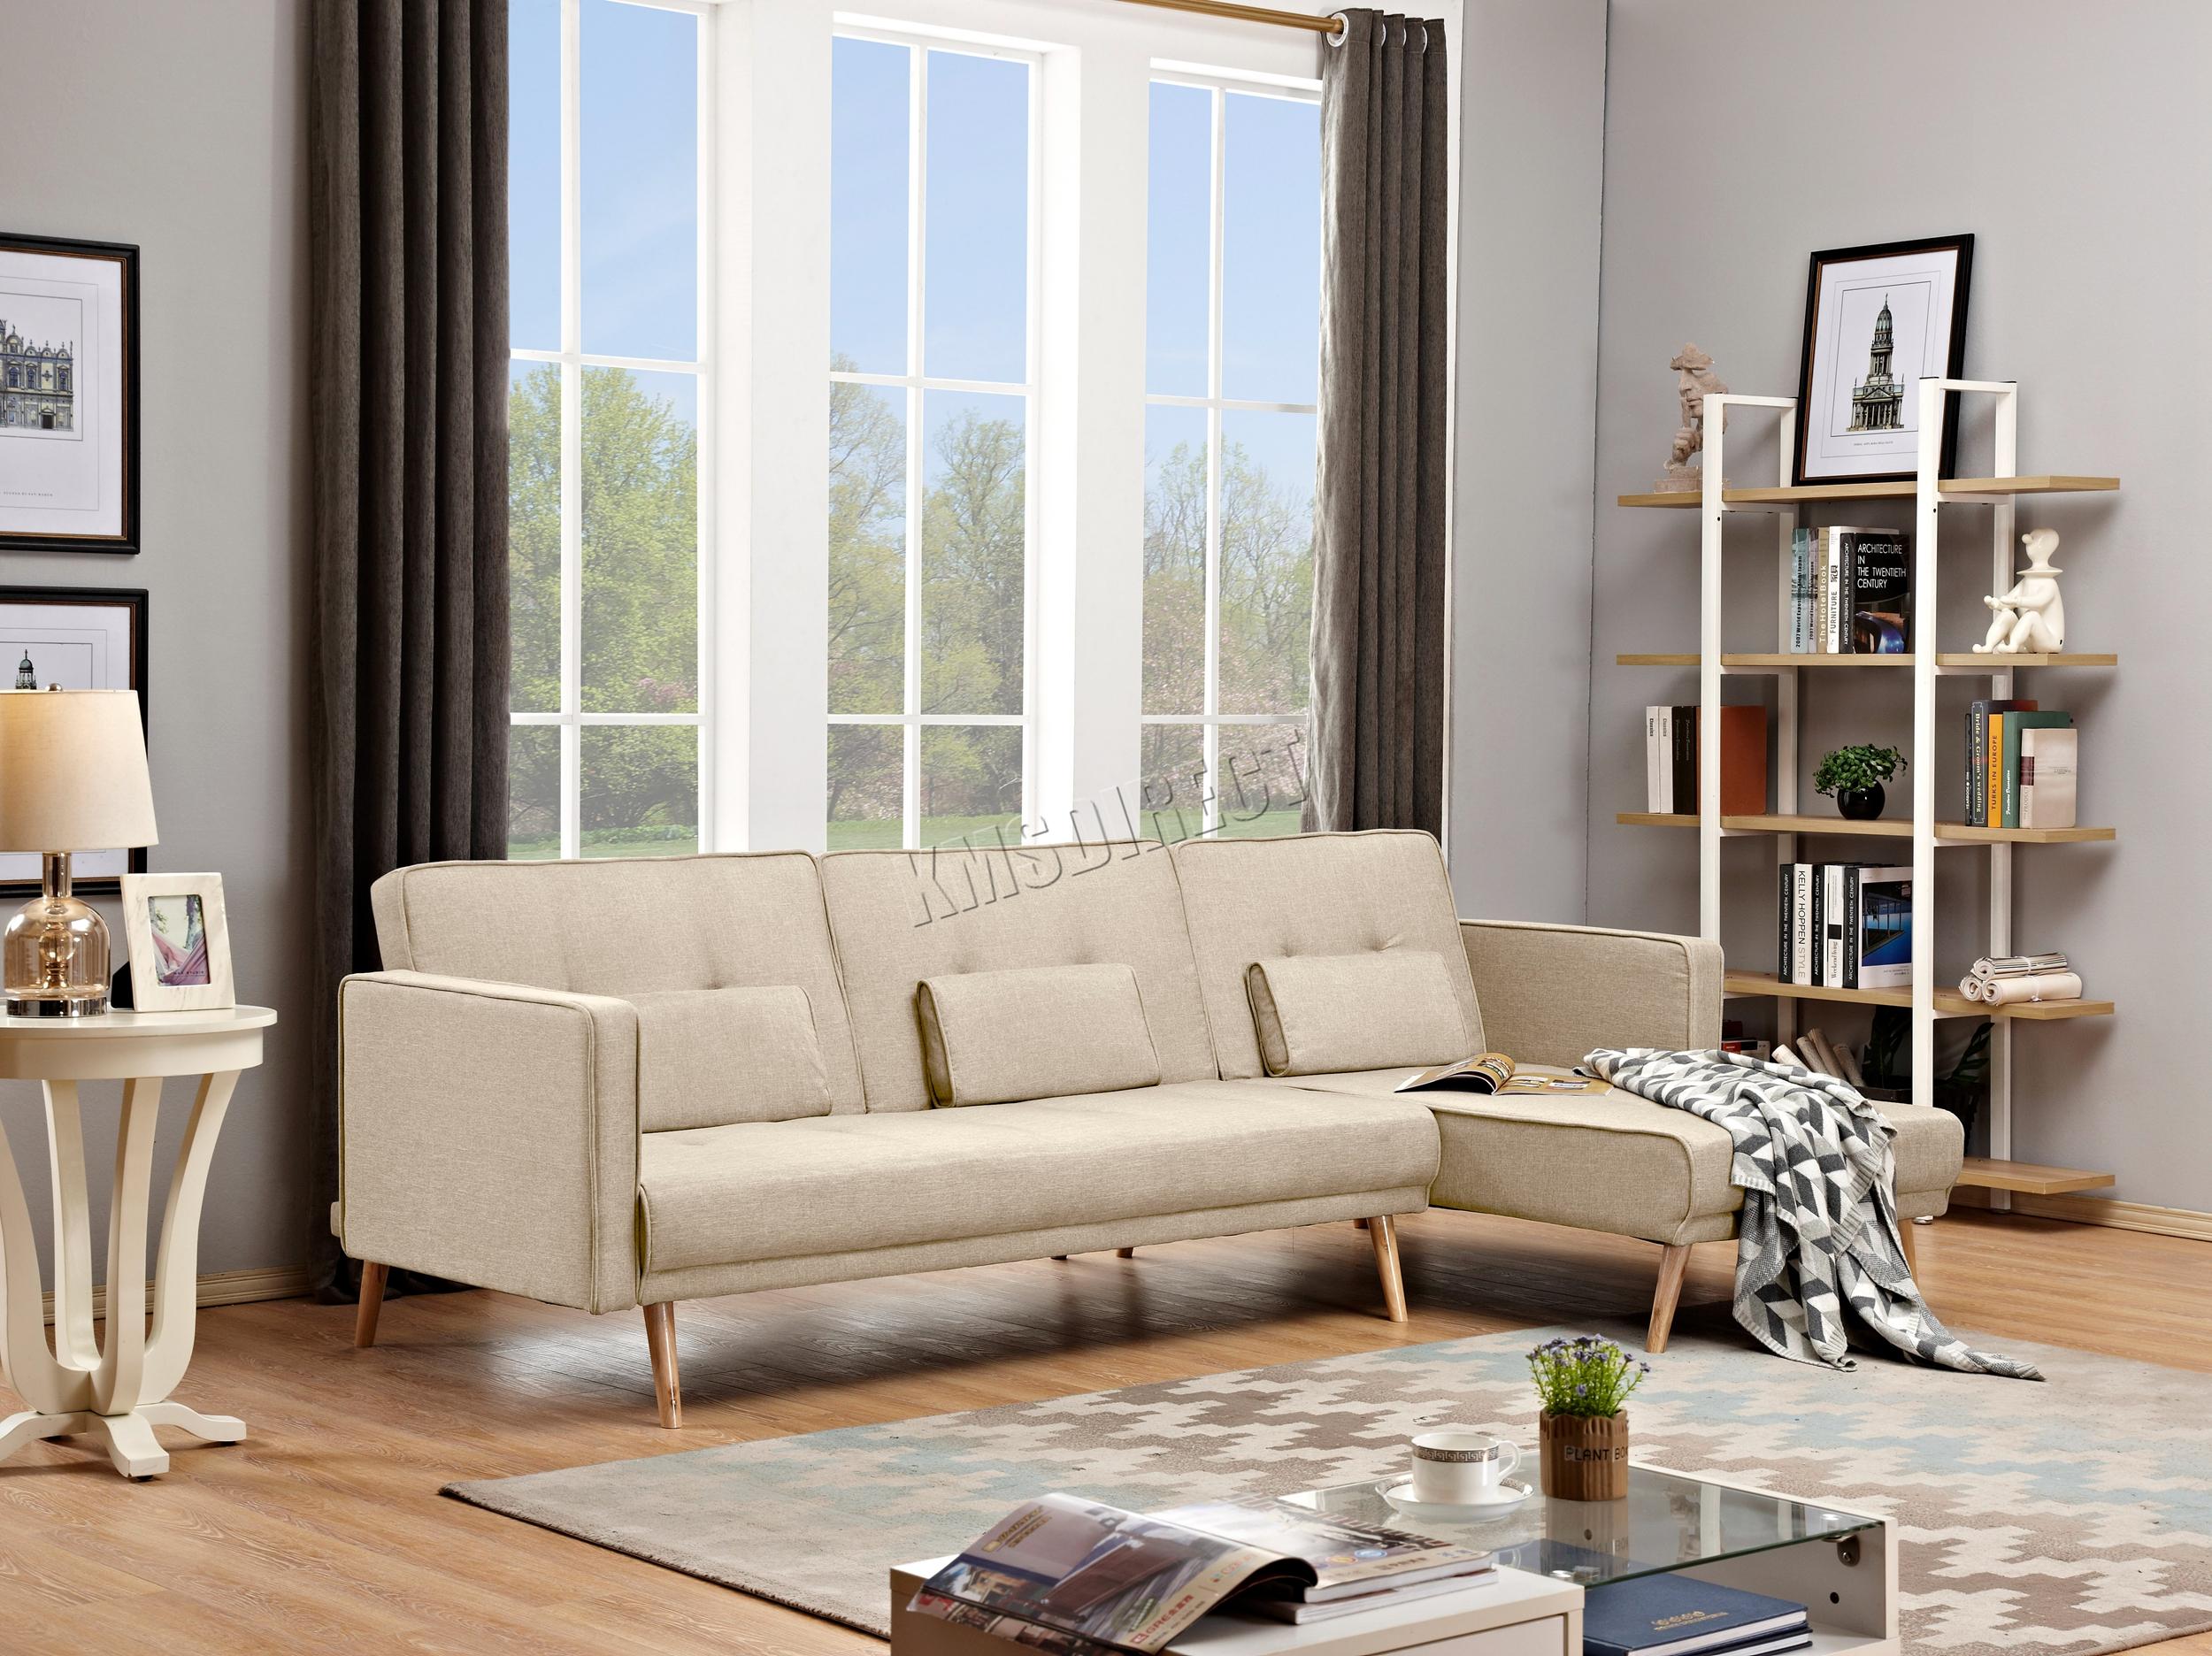 schlafsofas ecke winni pooh bettw sche schlafzimmer. Black Bedroom Furniture Sets. Home Design Ideas